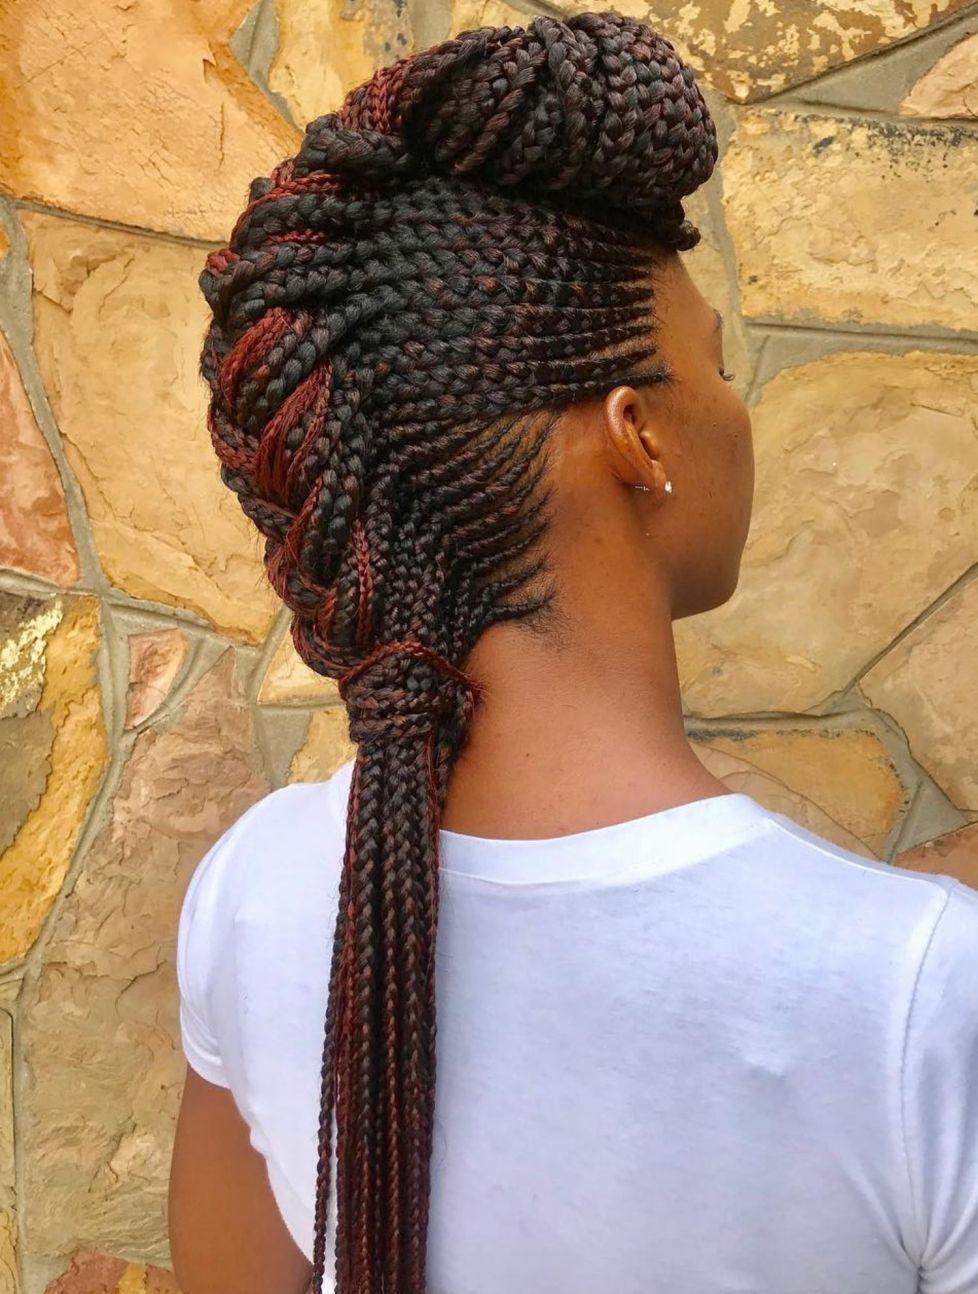 70 Best Black Braided Hairstyles That Turn Heads #braidedhairstylesforblackwomen